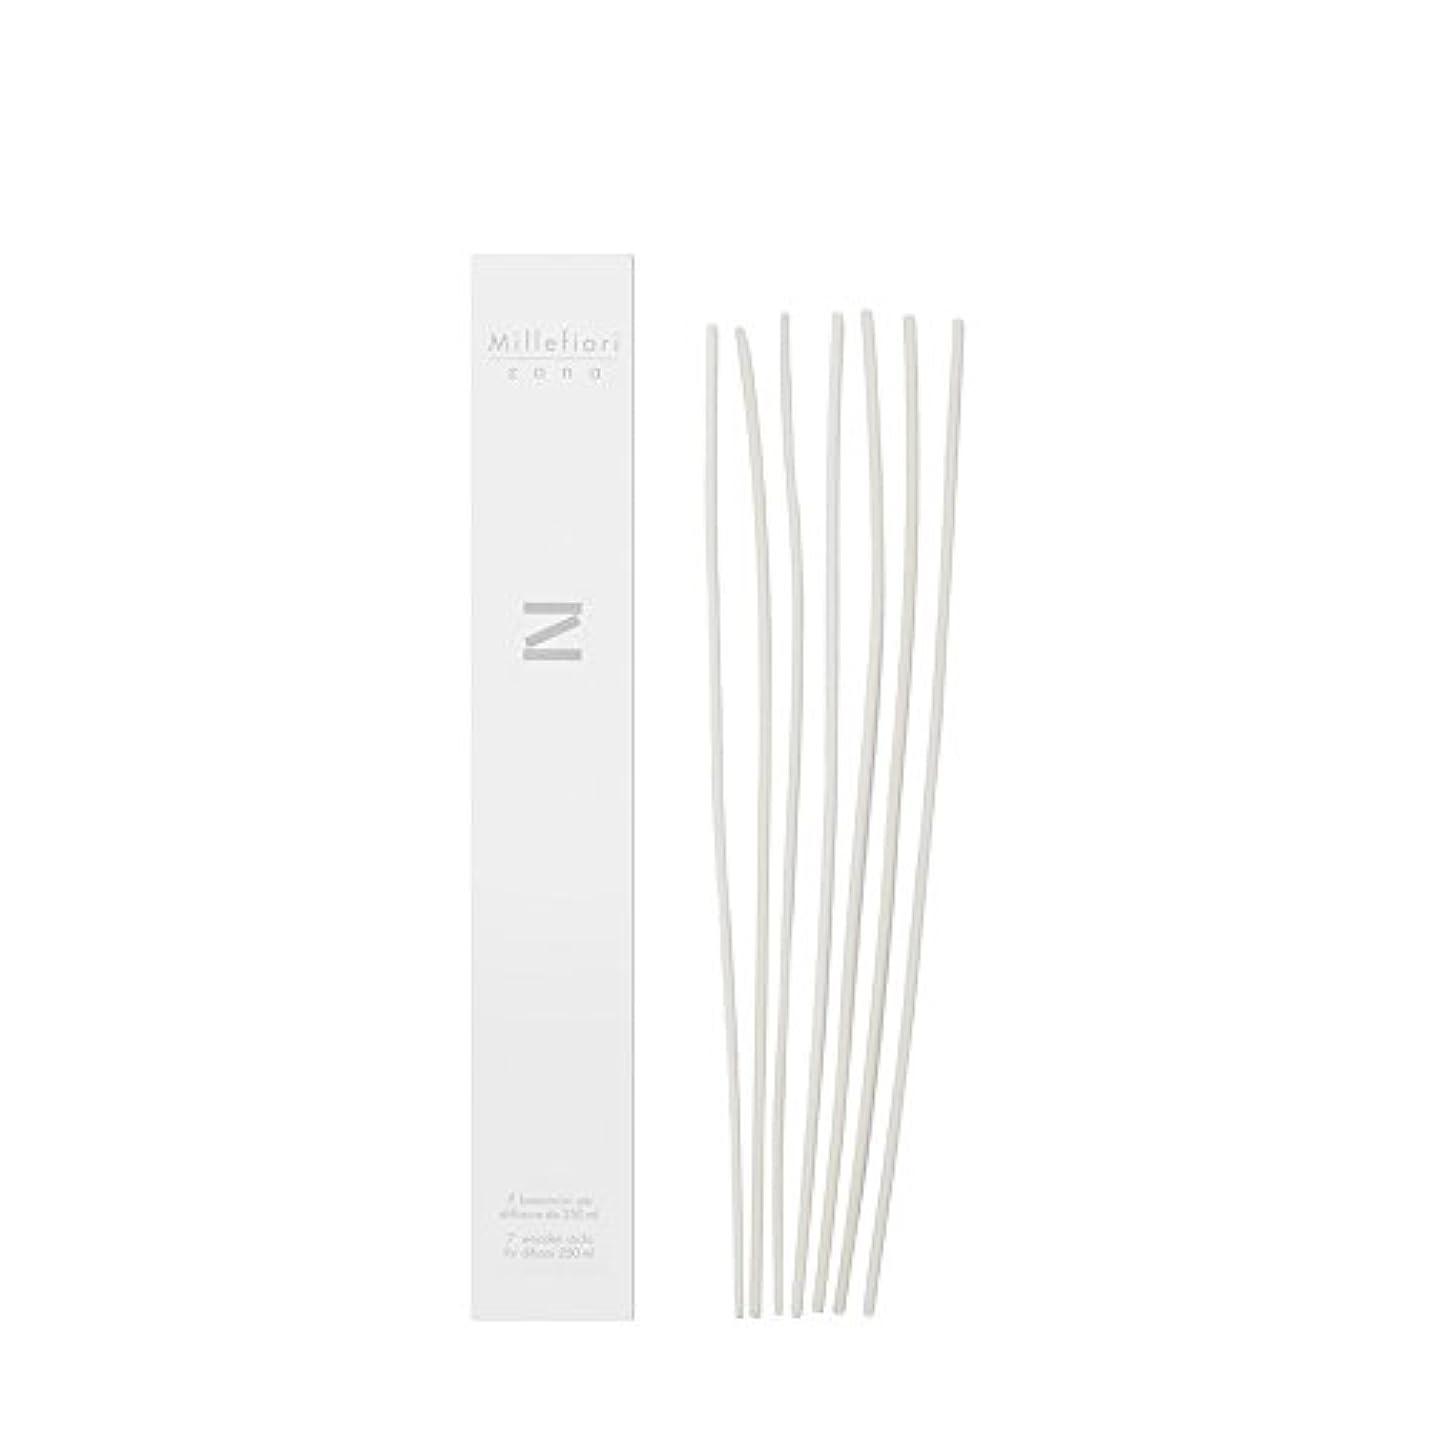 美容師架空のスペルMillefiori zonaシリーズ リードディフューザー Mサイズ用 交換用スティック 41STDD